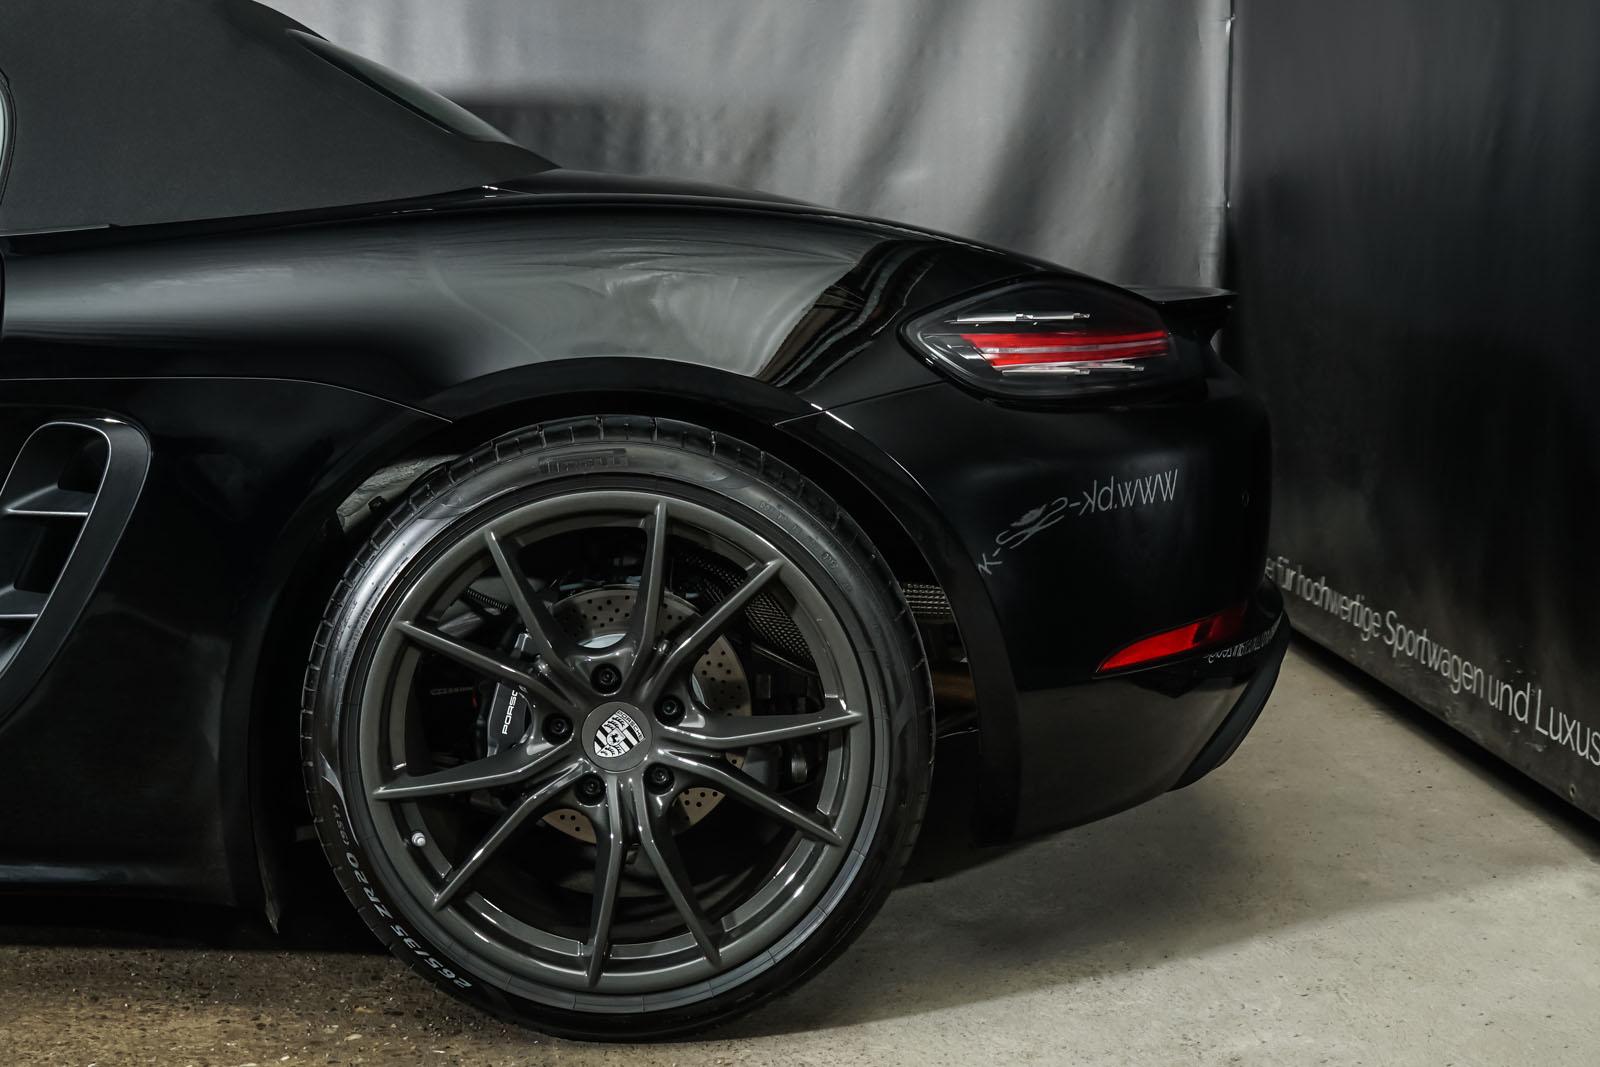 Porsche_718_BoxsterT_Schwarz_Schwarz_POR-1718_4_w